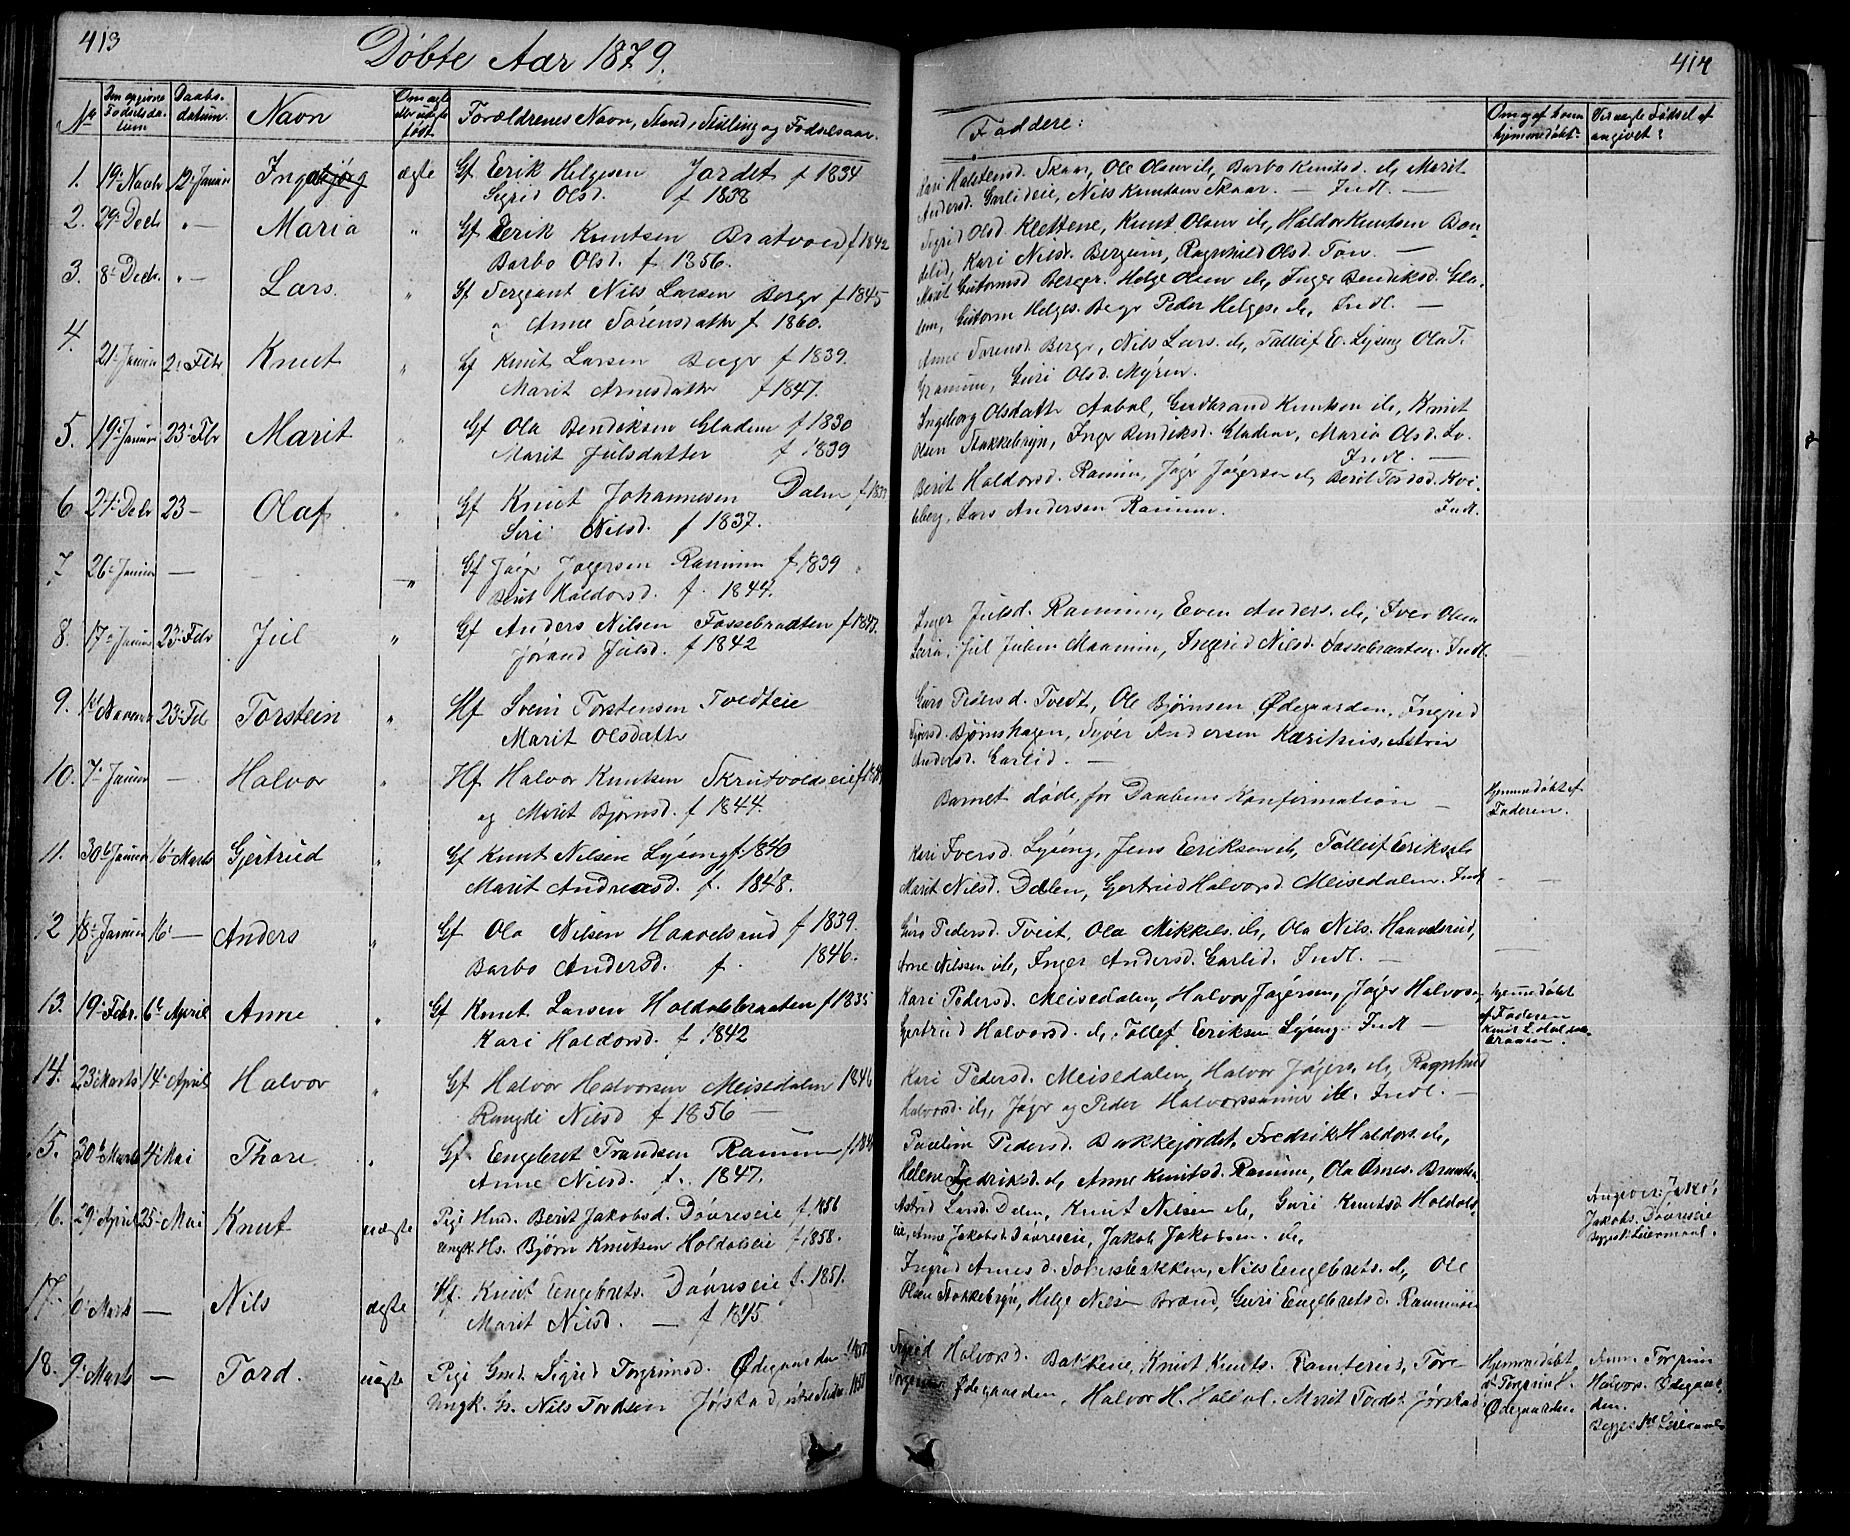 SAH, Nord-Aurdal prestekontor, Klokkerbok nr. 1, 1834-1887, s. 413-414